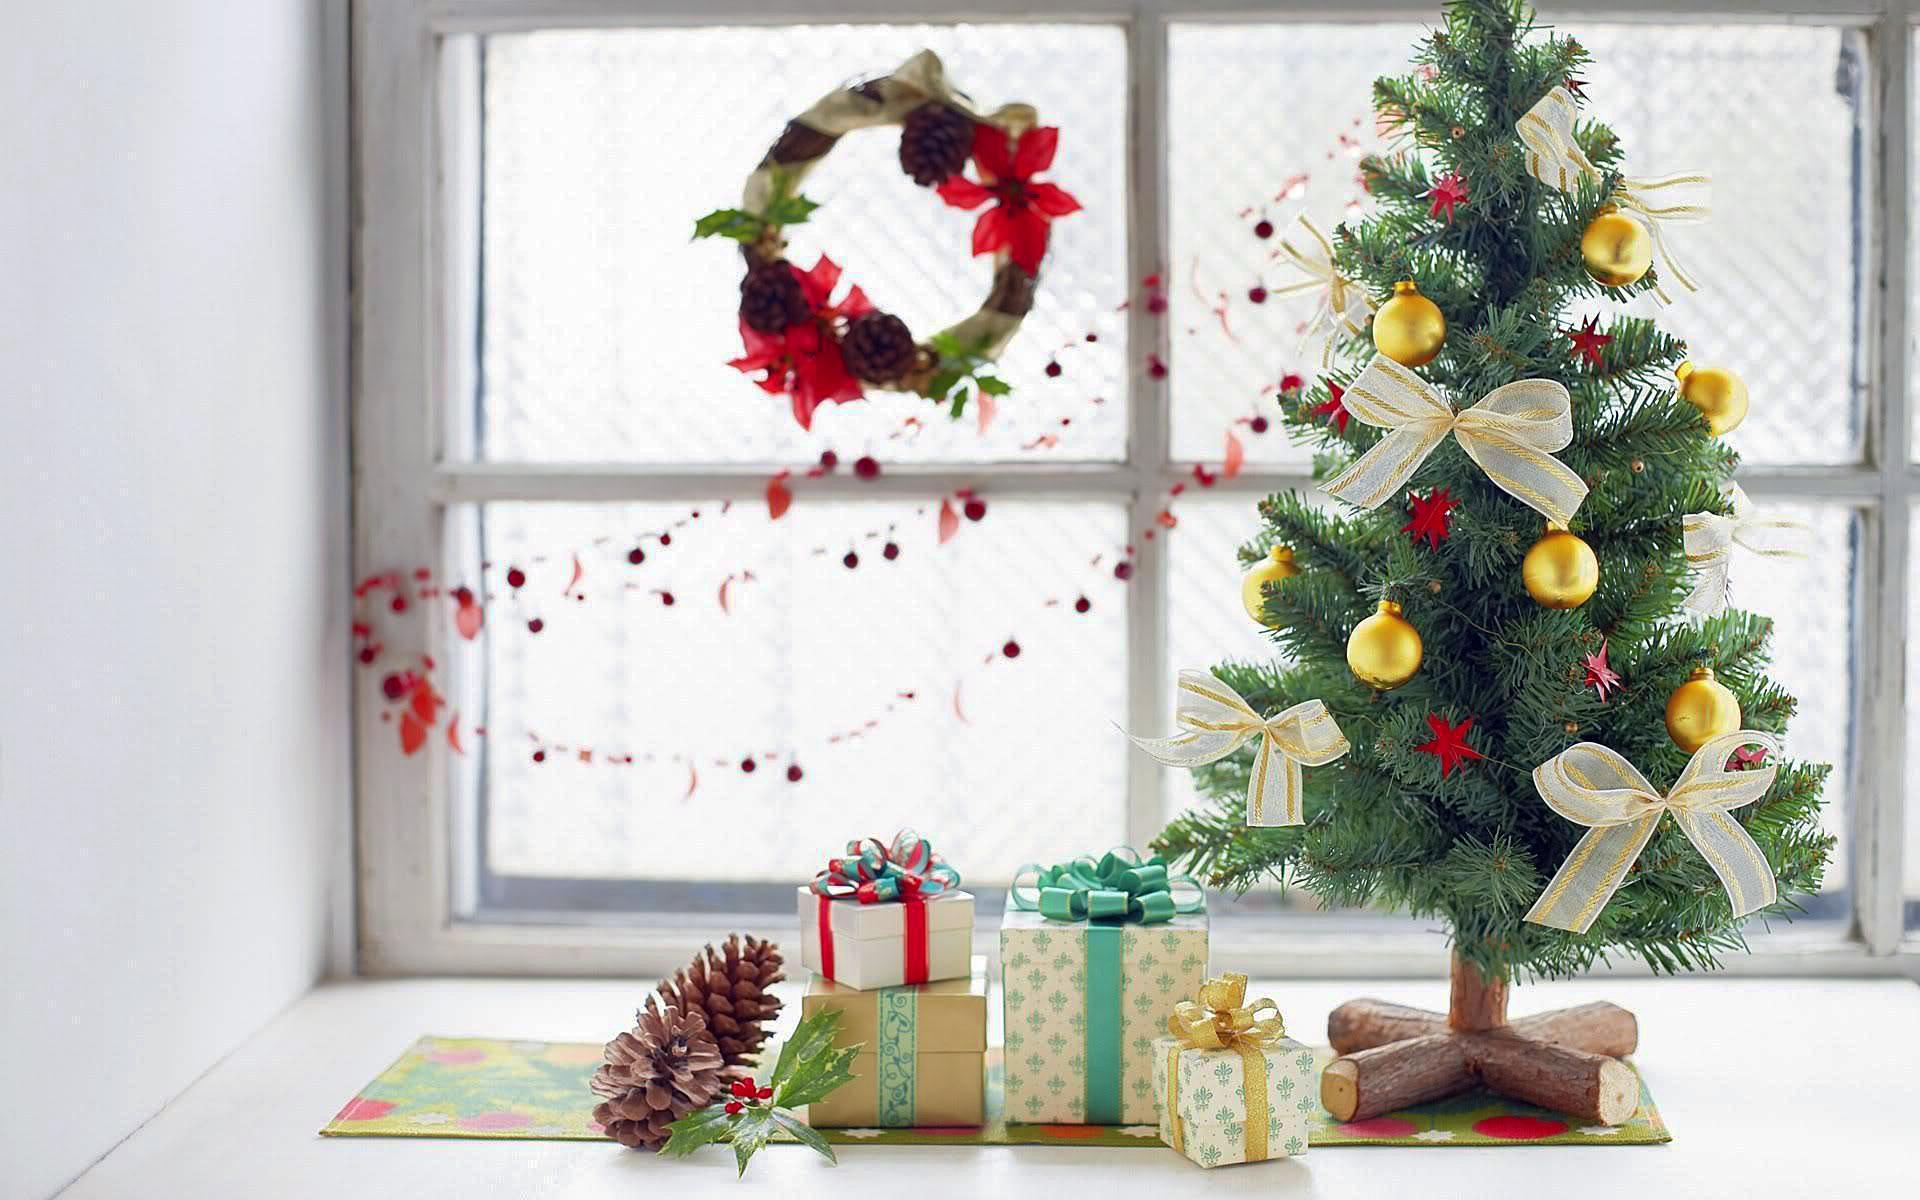 Как украсить дом на новый год 2017 своими руками